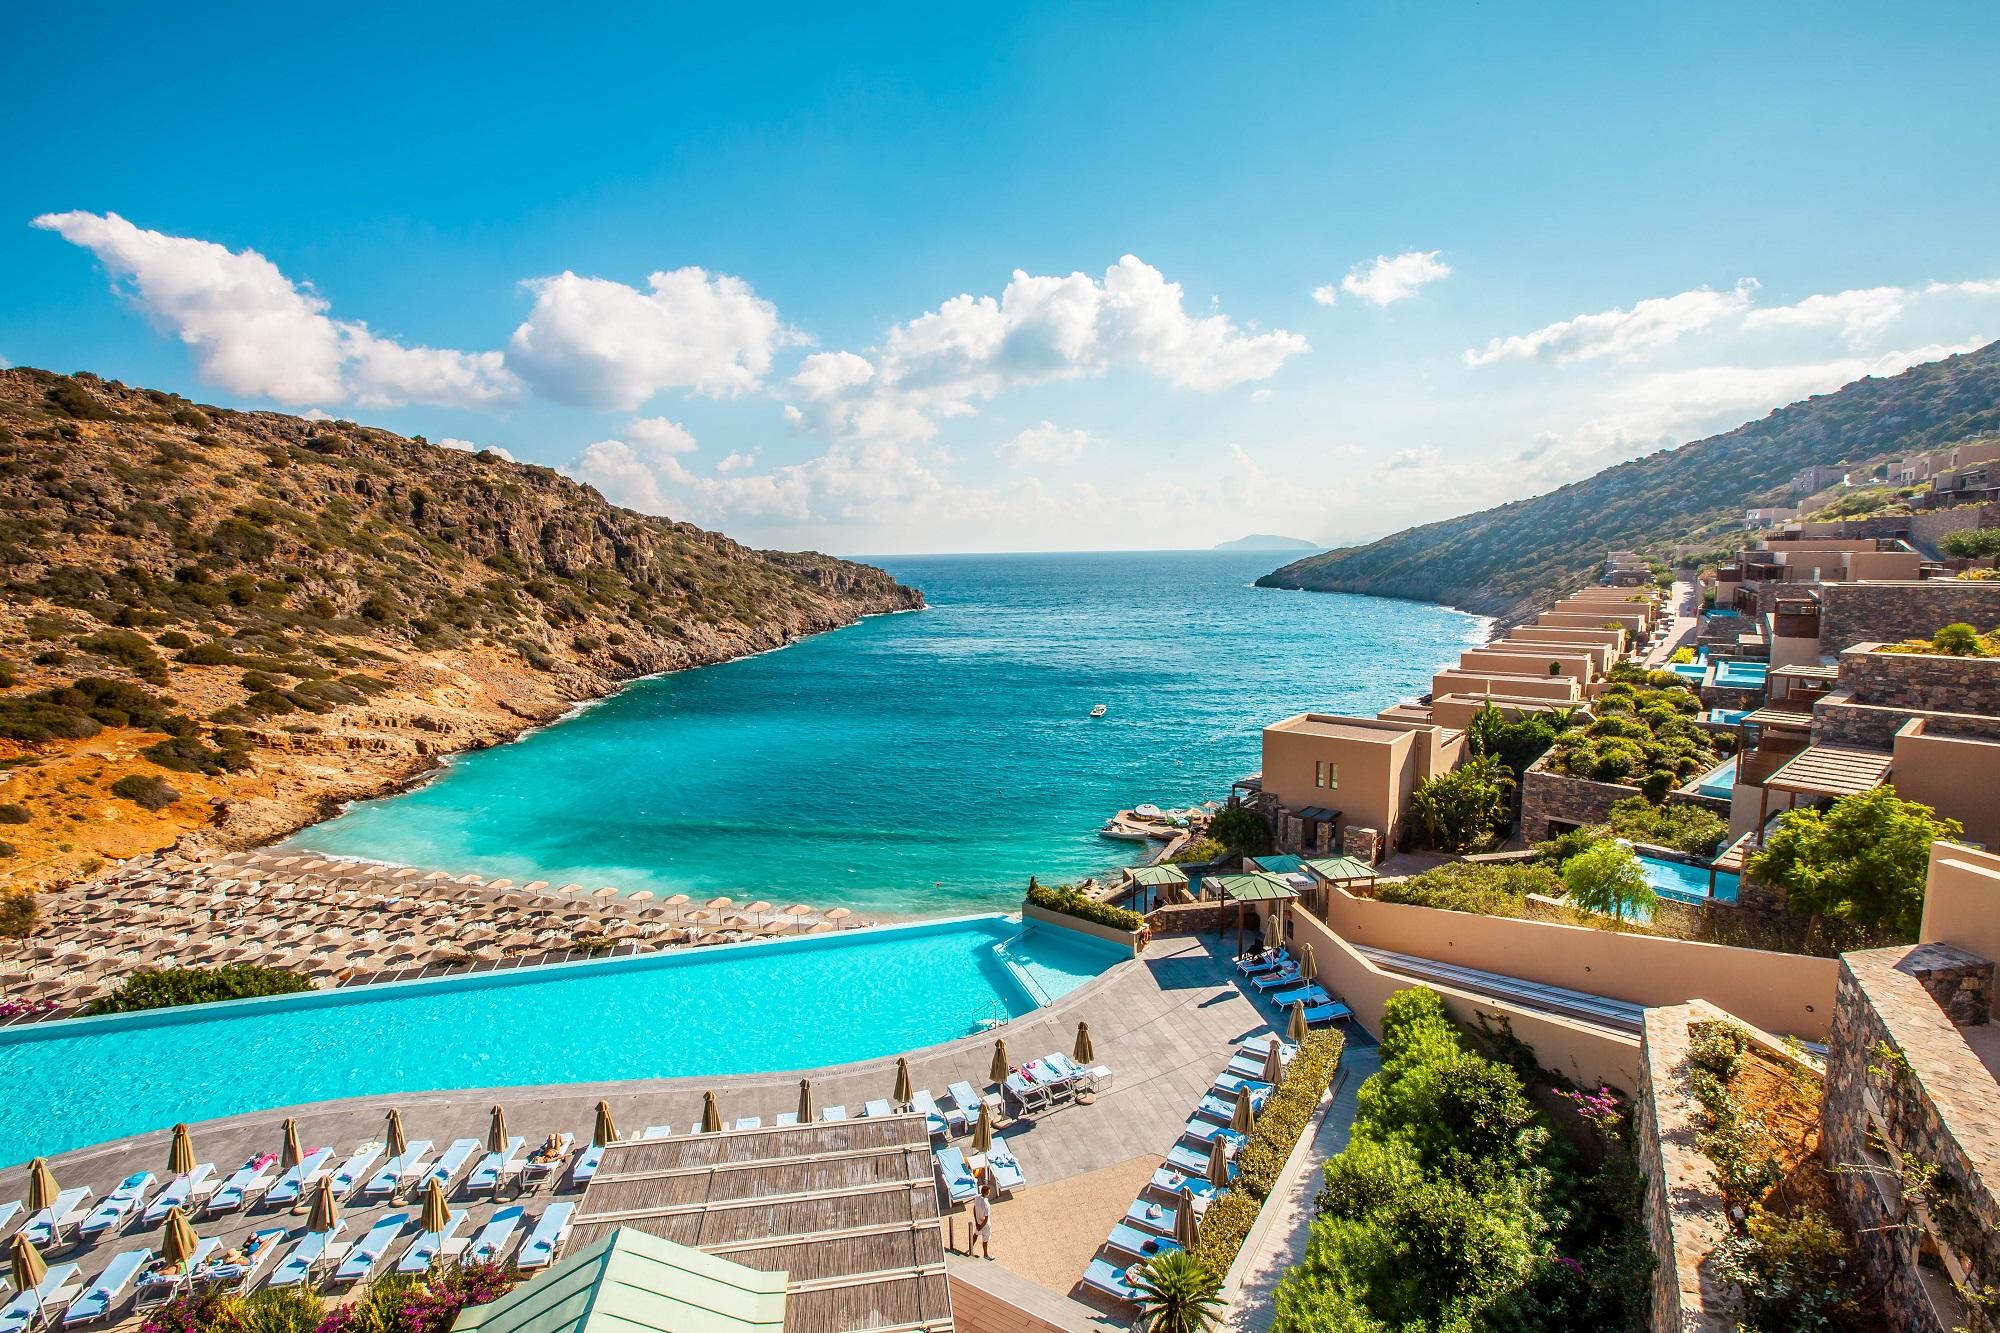 Griechenland bereitet sich auf die touristische Saison vor. Werden die Grenzen am 14. Mai geöffnet?